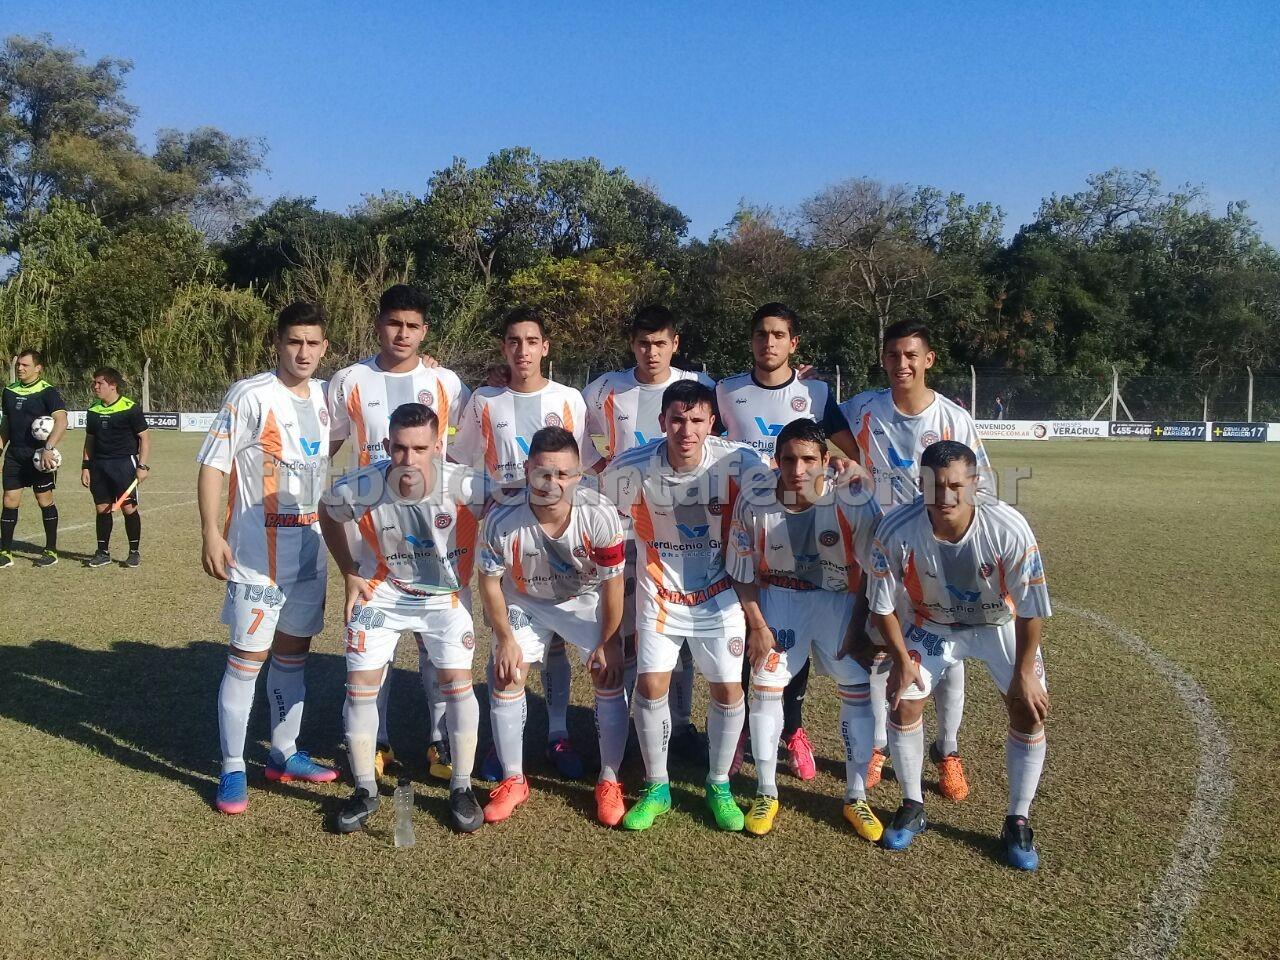 Cosmos FC 0 - Banco Provincial 4